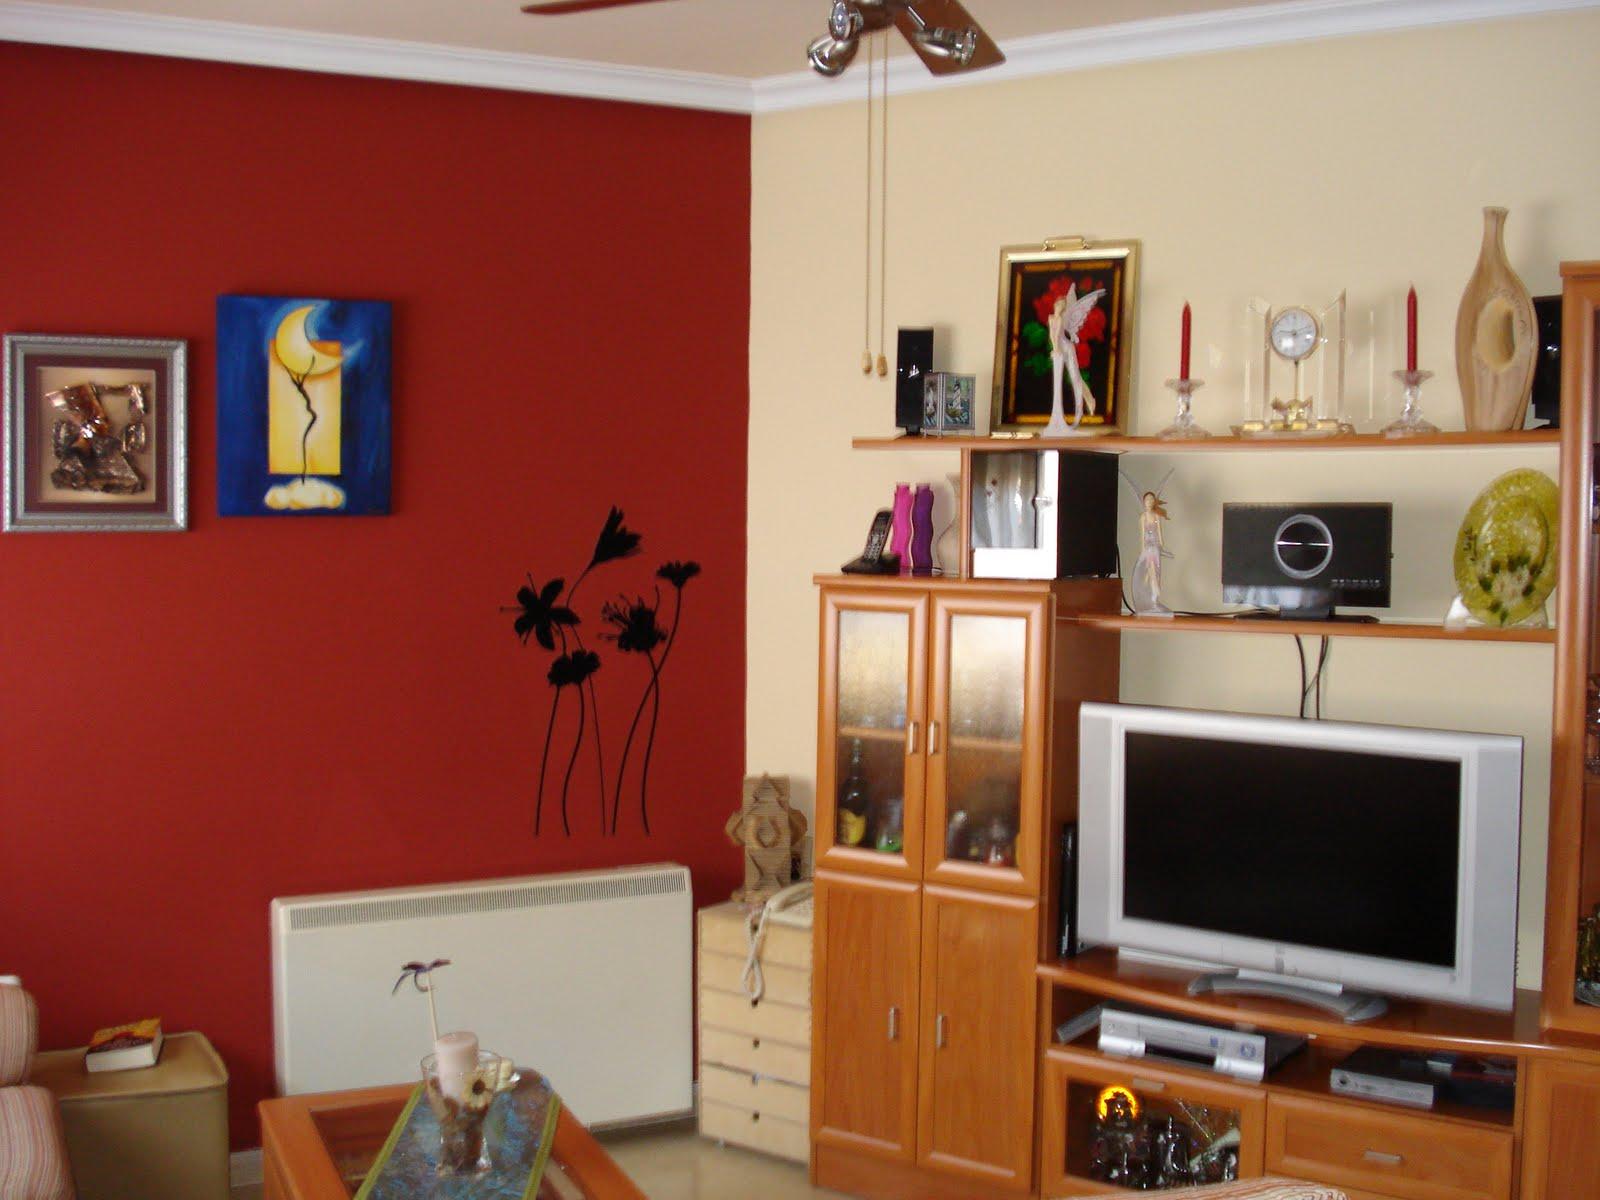 Decorar cuartos con manualidades decoracion y pintura de salones infantiles - Decoracion salones modernos pintura ...